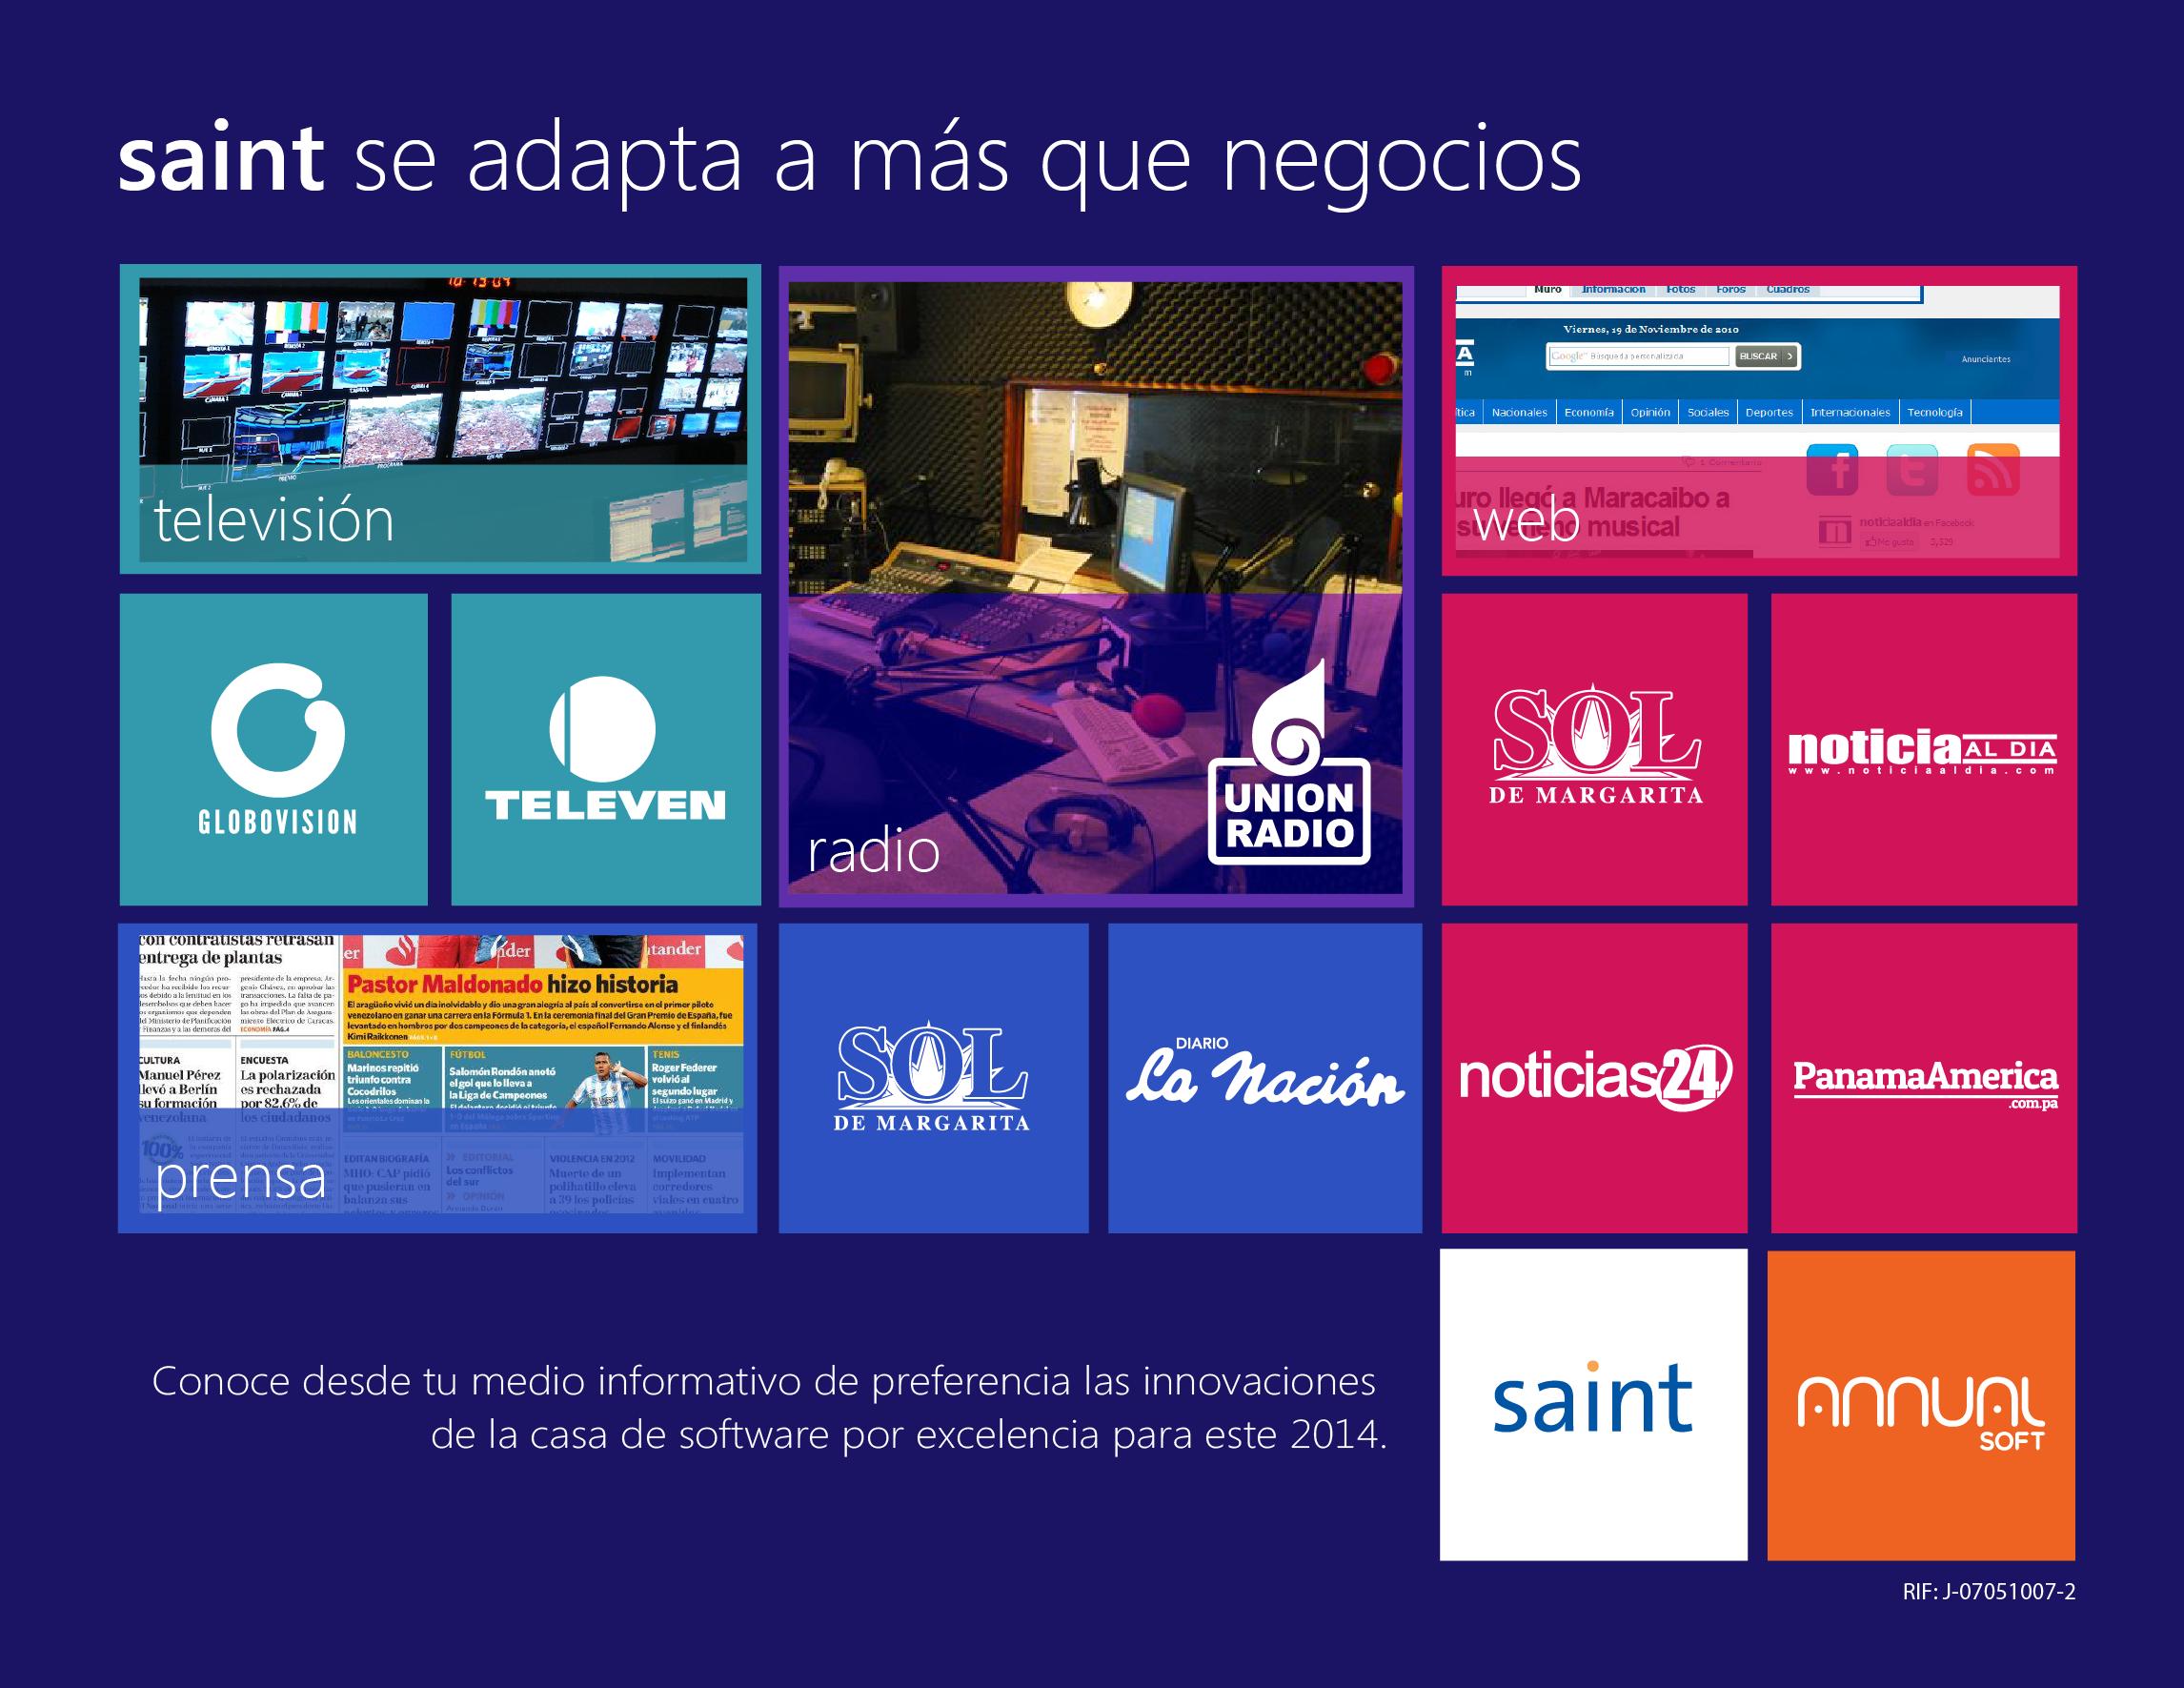 En saint innov@mos para que ganes más, como canal integrador.